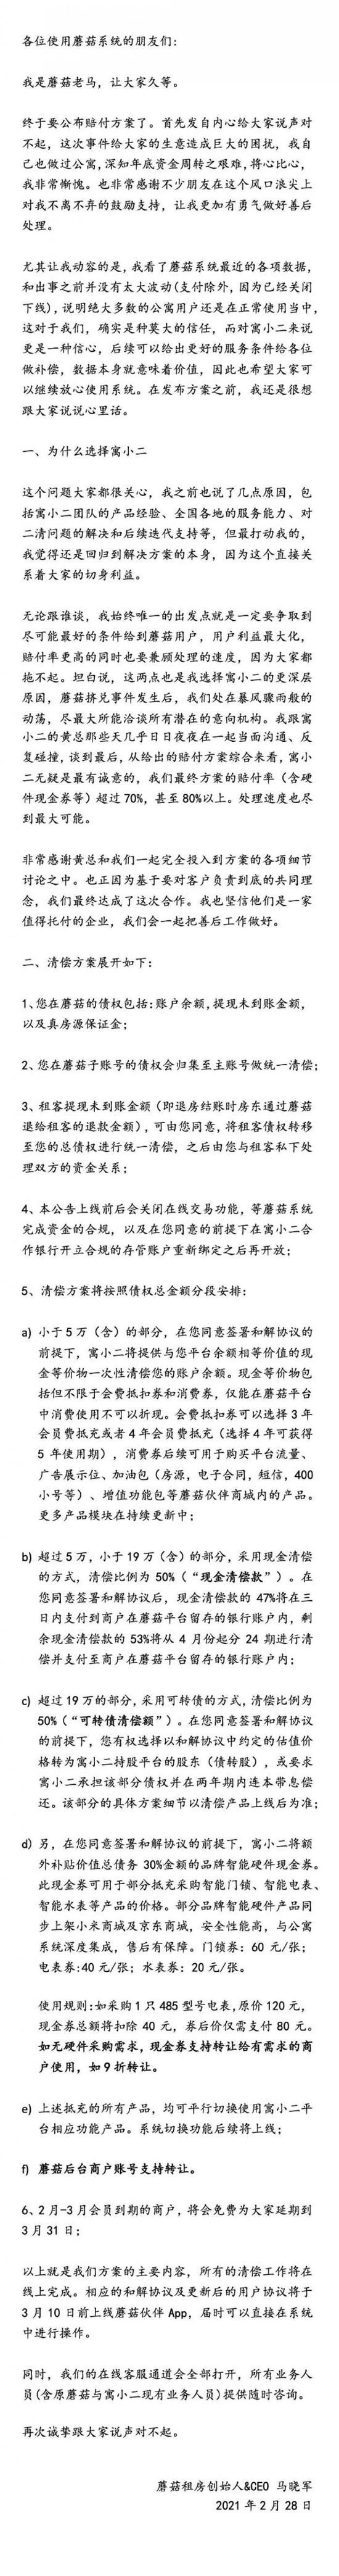 蘑菇租房CEO马晓军再发公开信,公布赔偿方案